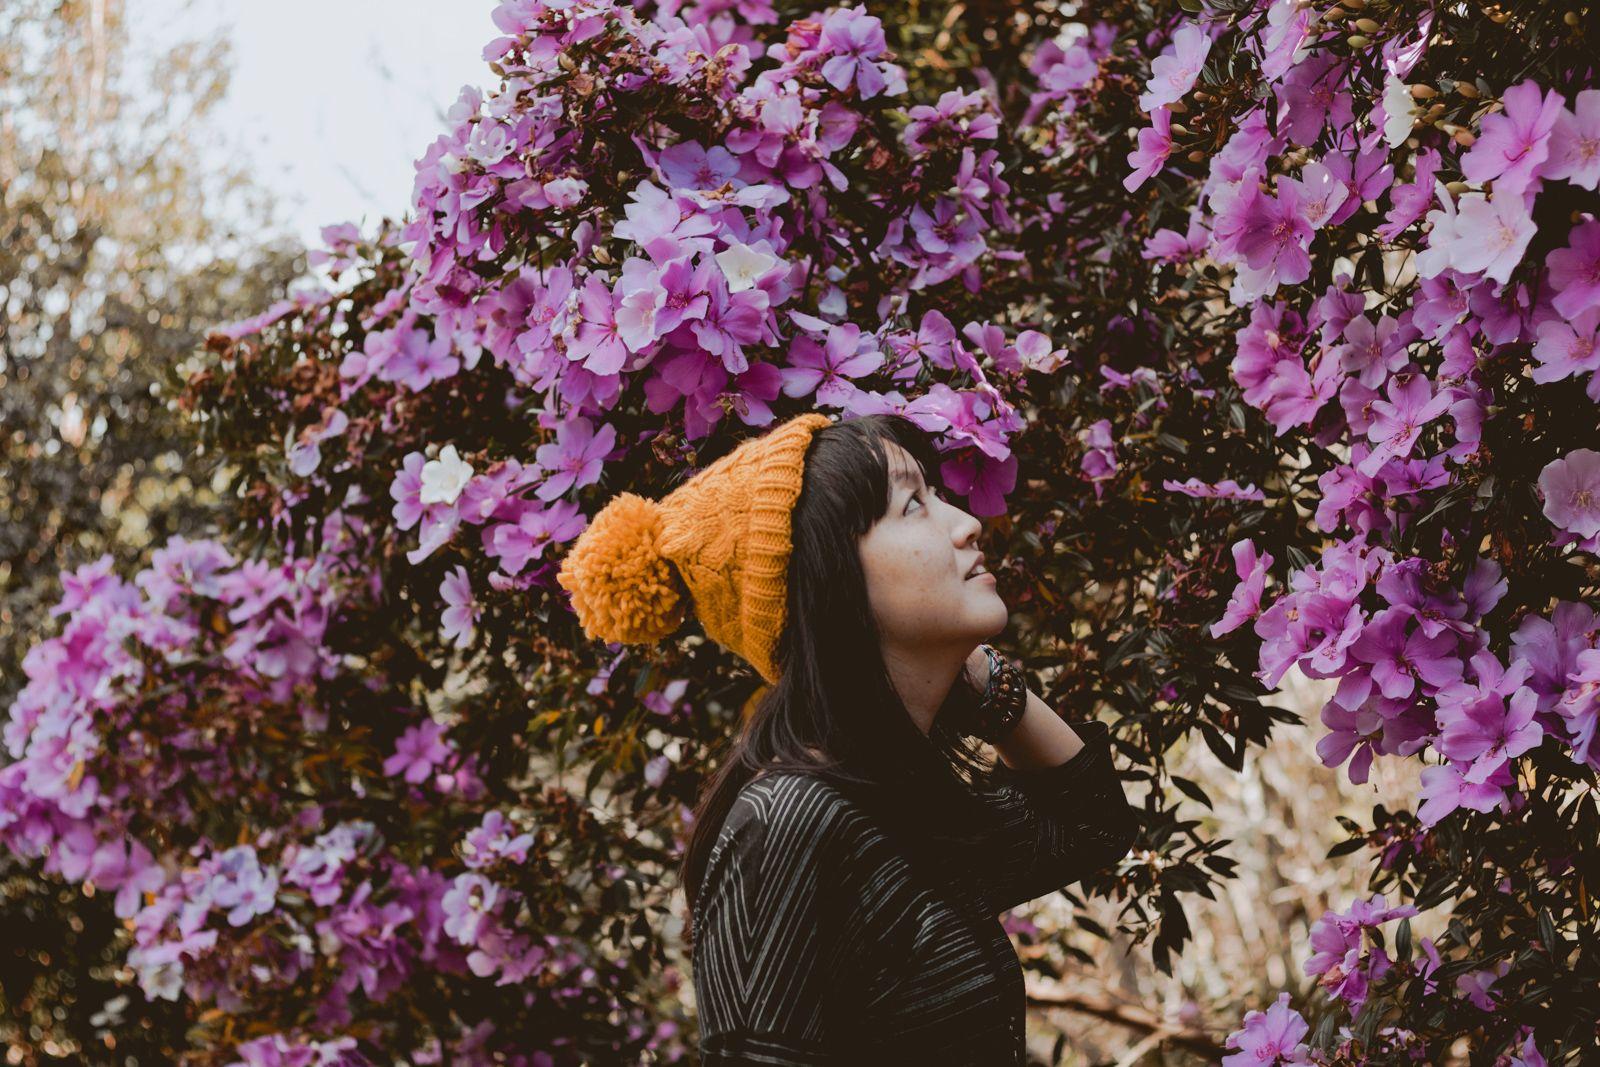 posando em frente às flores